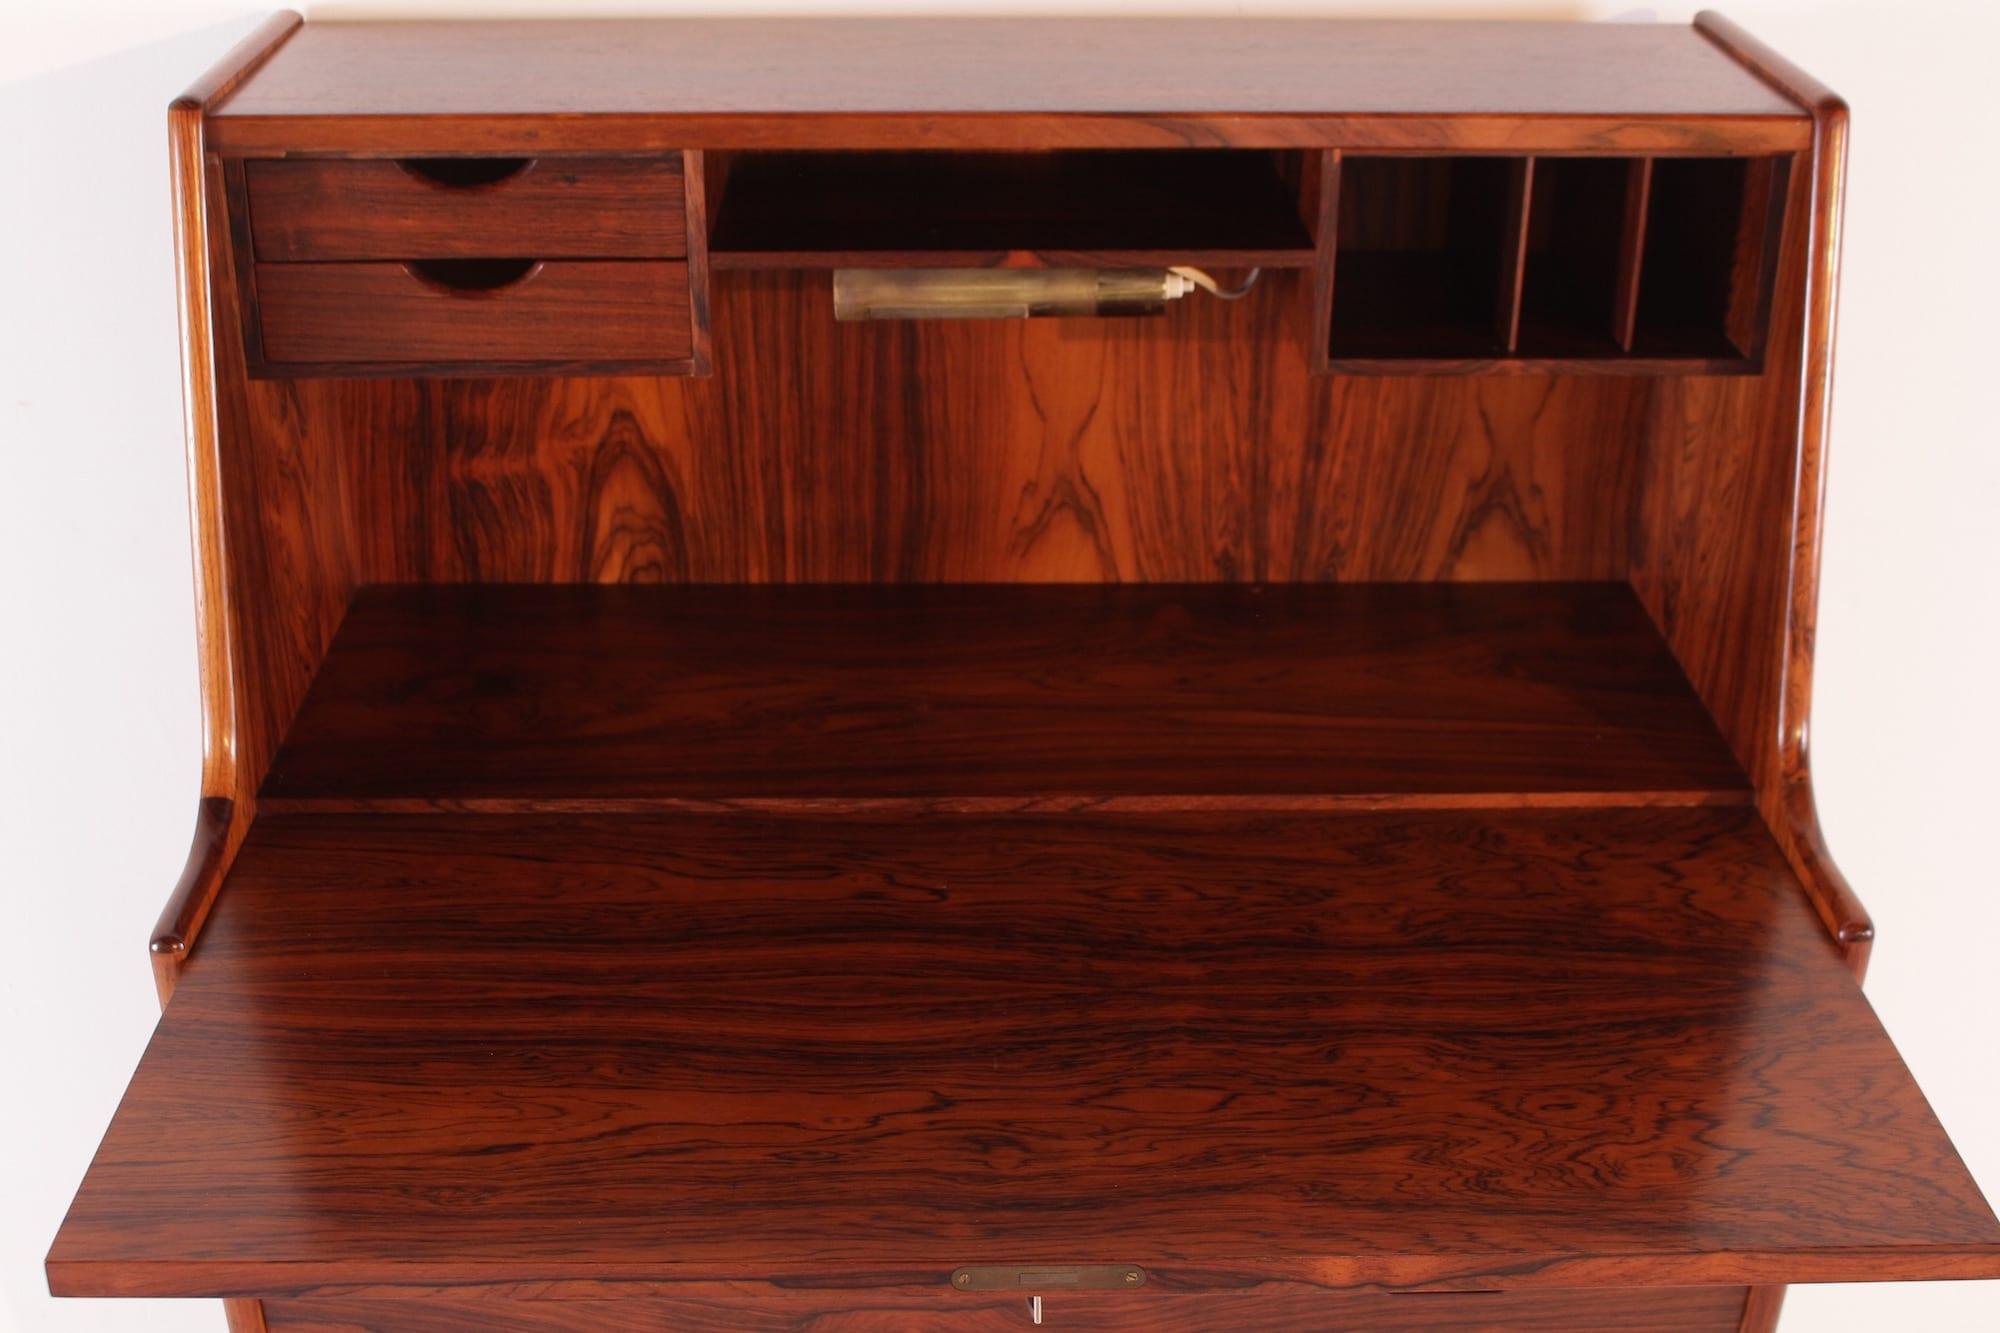 secr taire abattant arne wahl iversen meubles vintage li ge. Black Bedroom Furniture Sets. Home Design Ideas